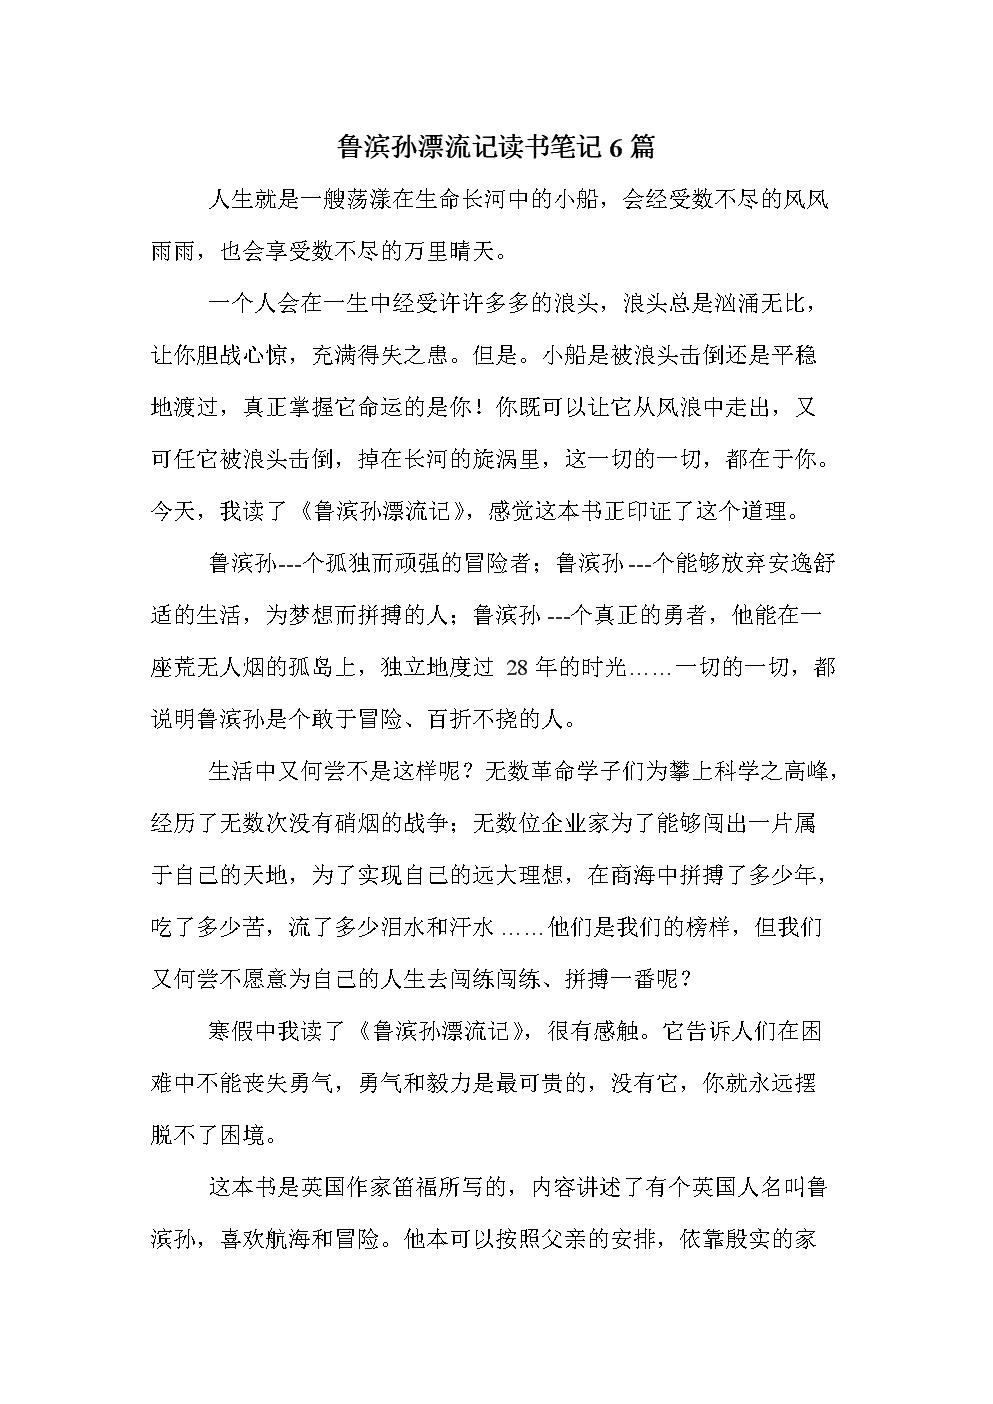 鲁滨孙漂流记读书笔记6篇 .doc